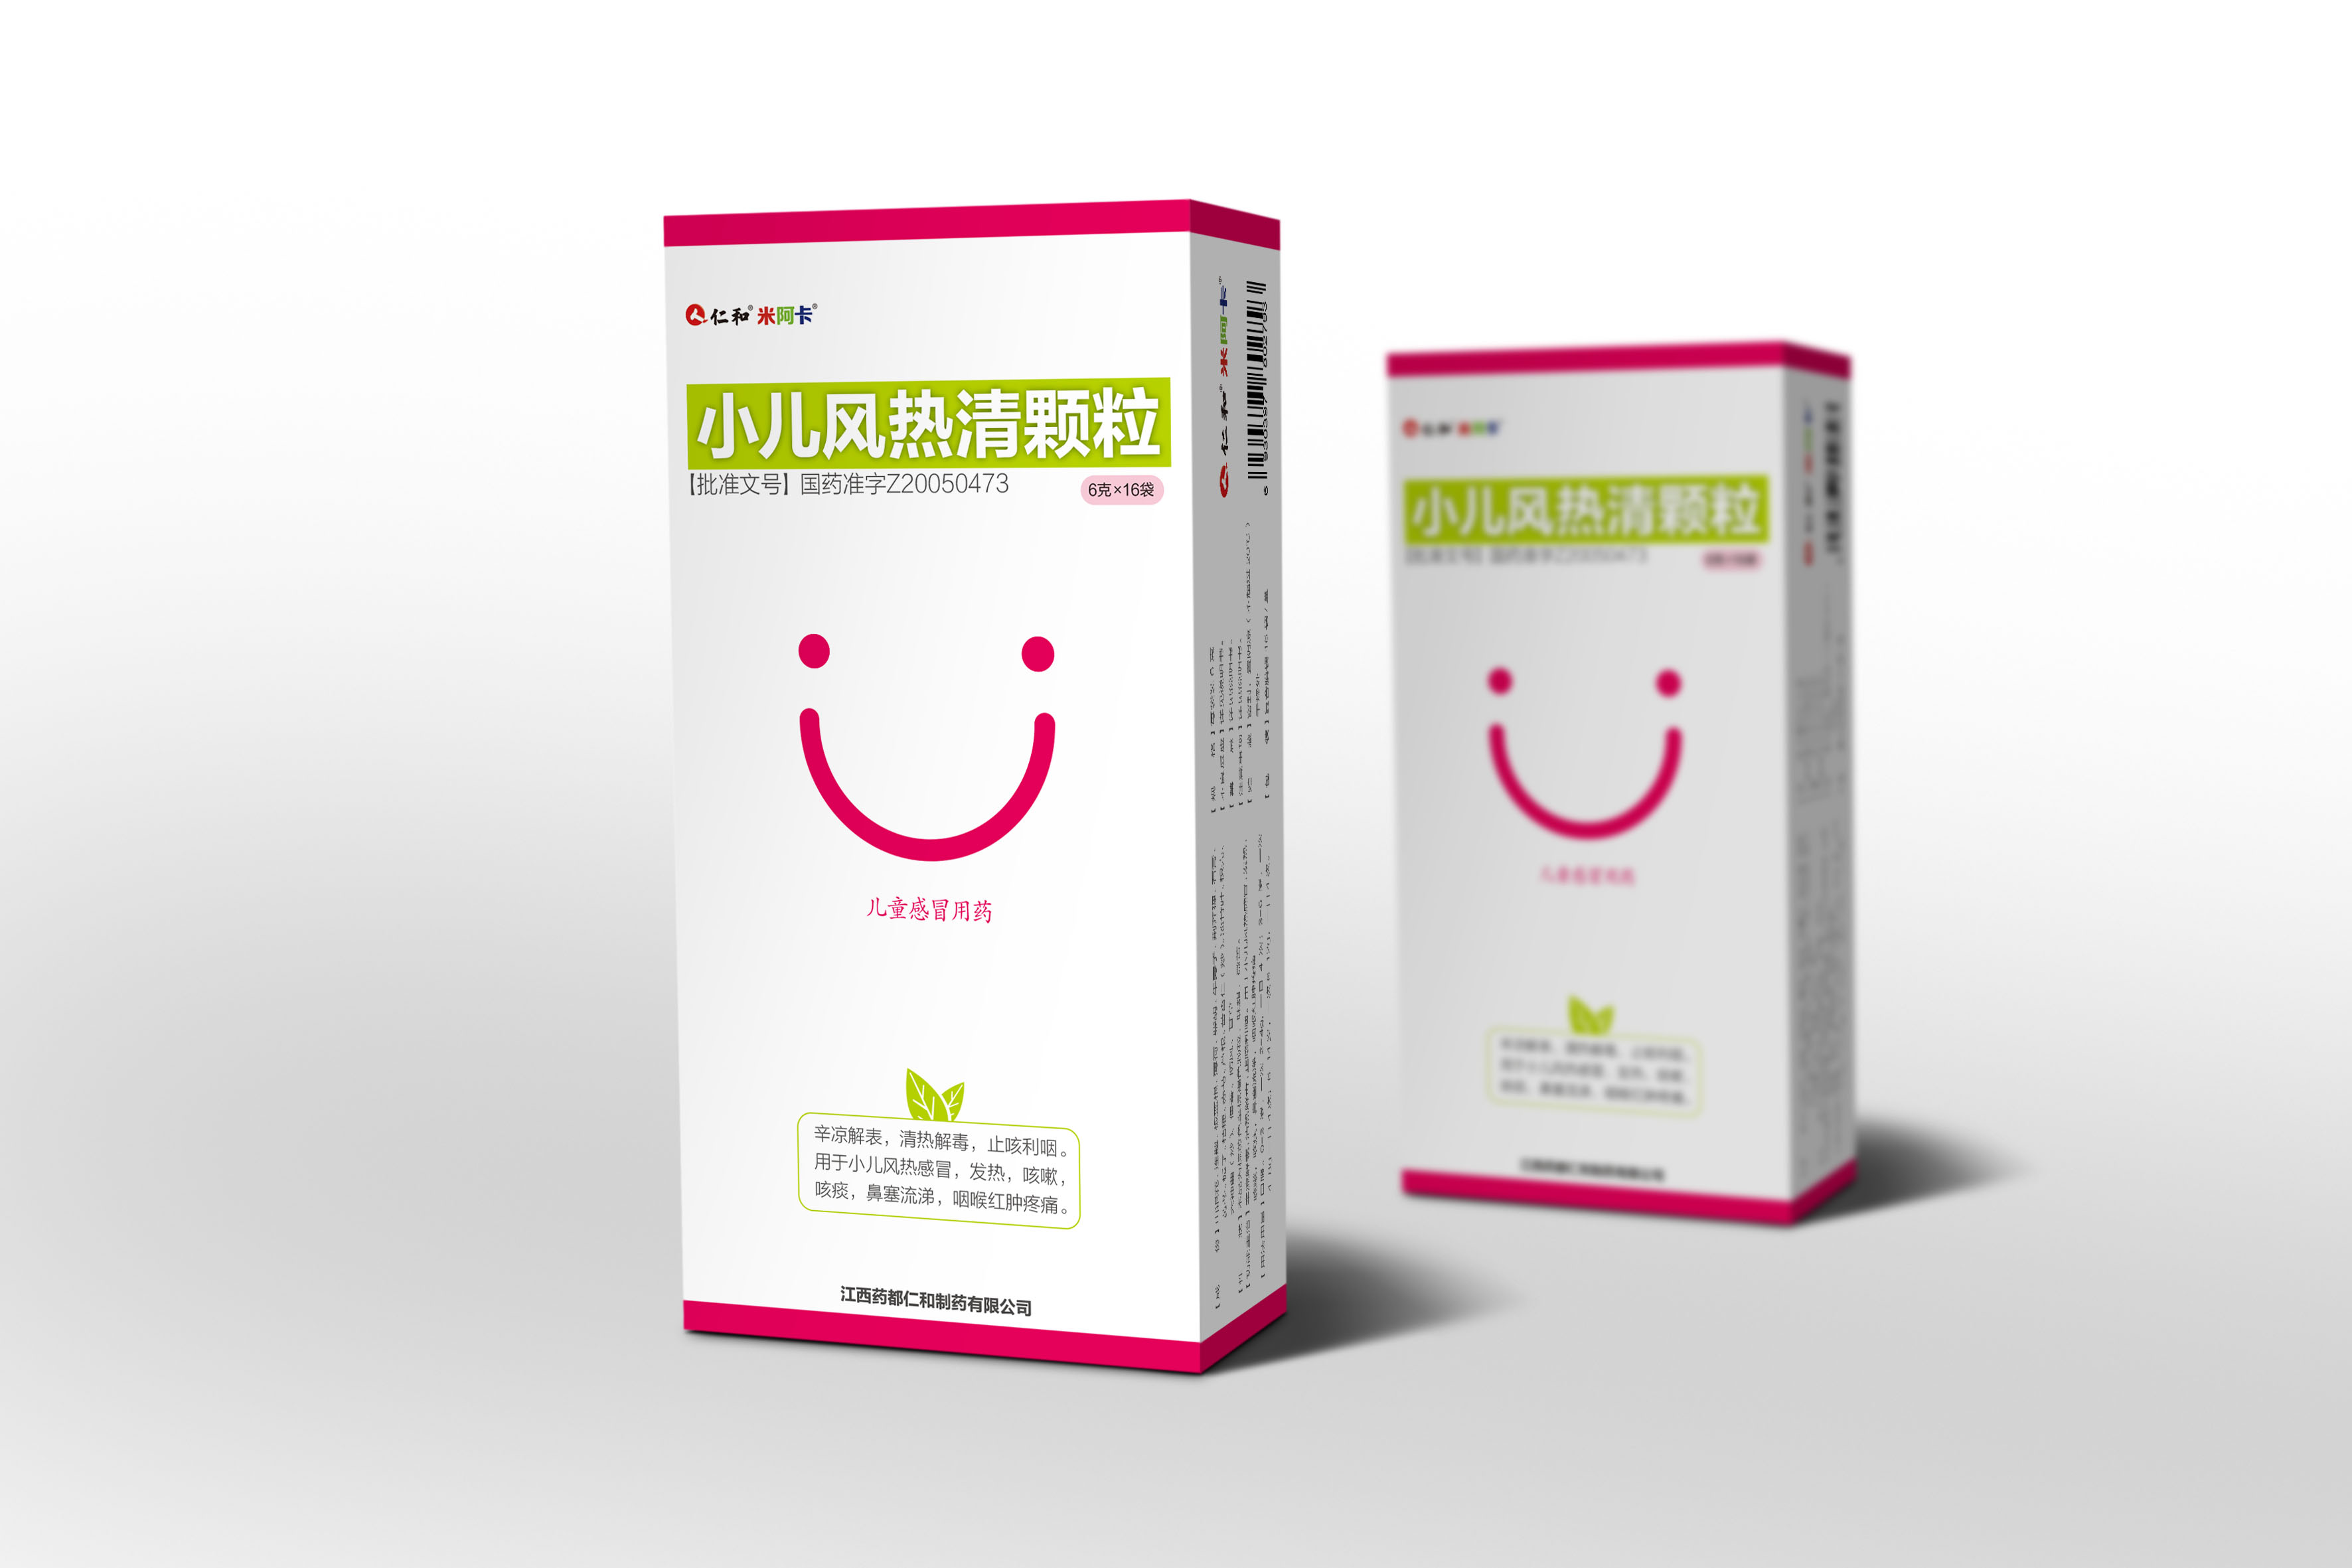 仁和药业 米阿卡+包装设计(儿童用药)